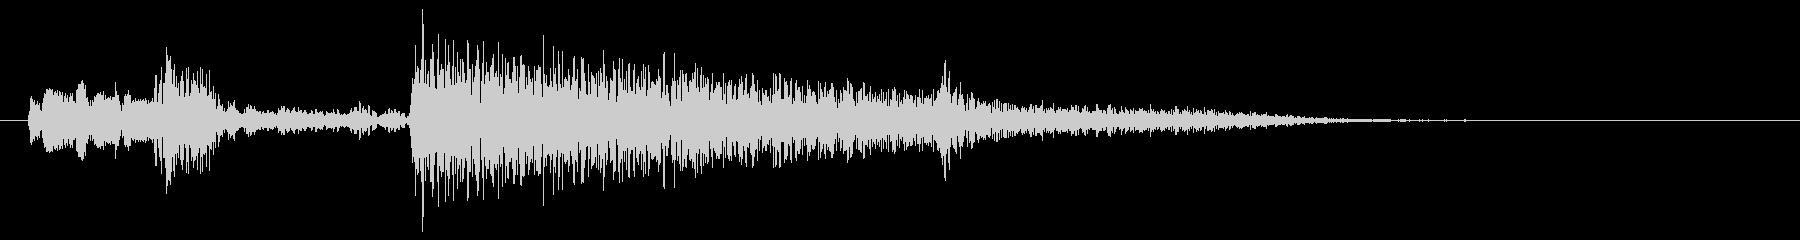 典型的なジャズ(暗め)(5秒以内)の未再生の波形